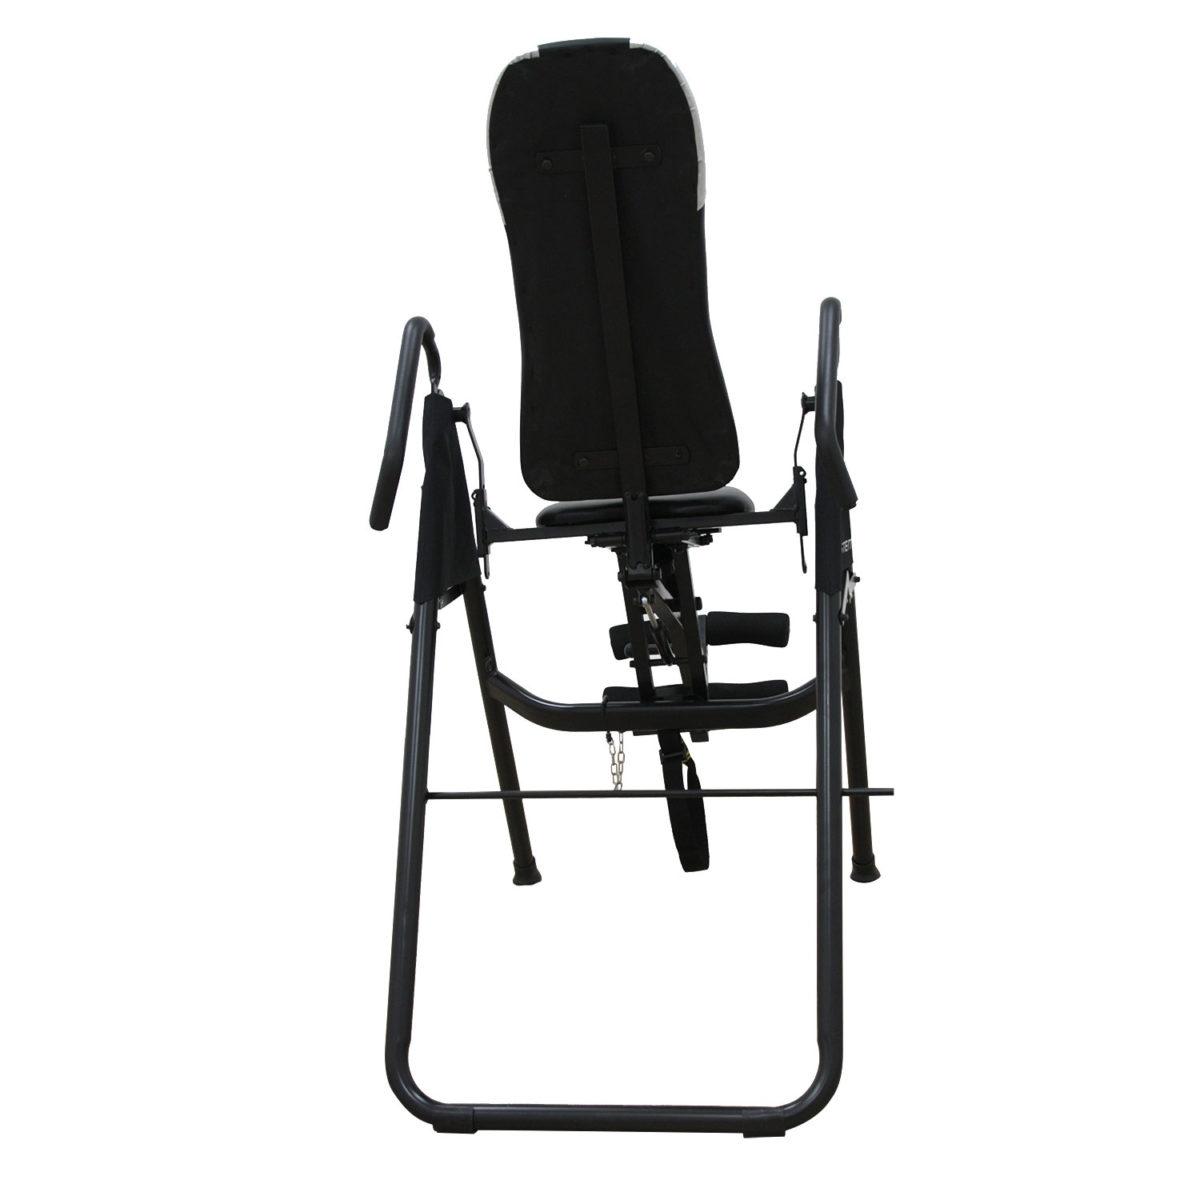 DFC Инверсионный стол с сиденьем складной SJ7200B - 4